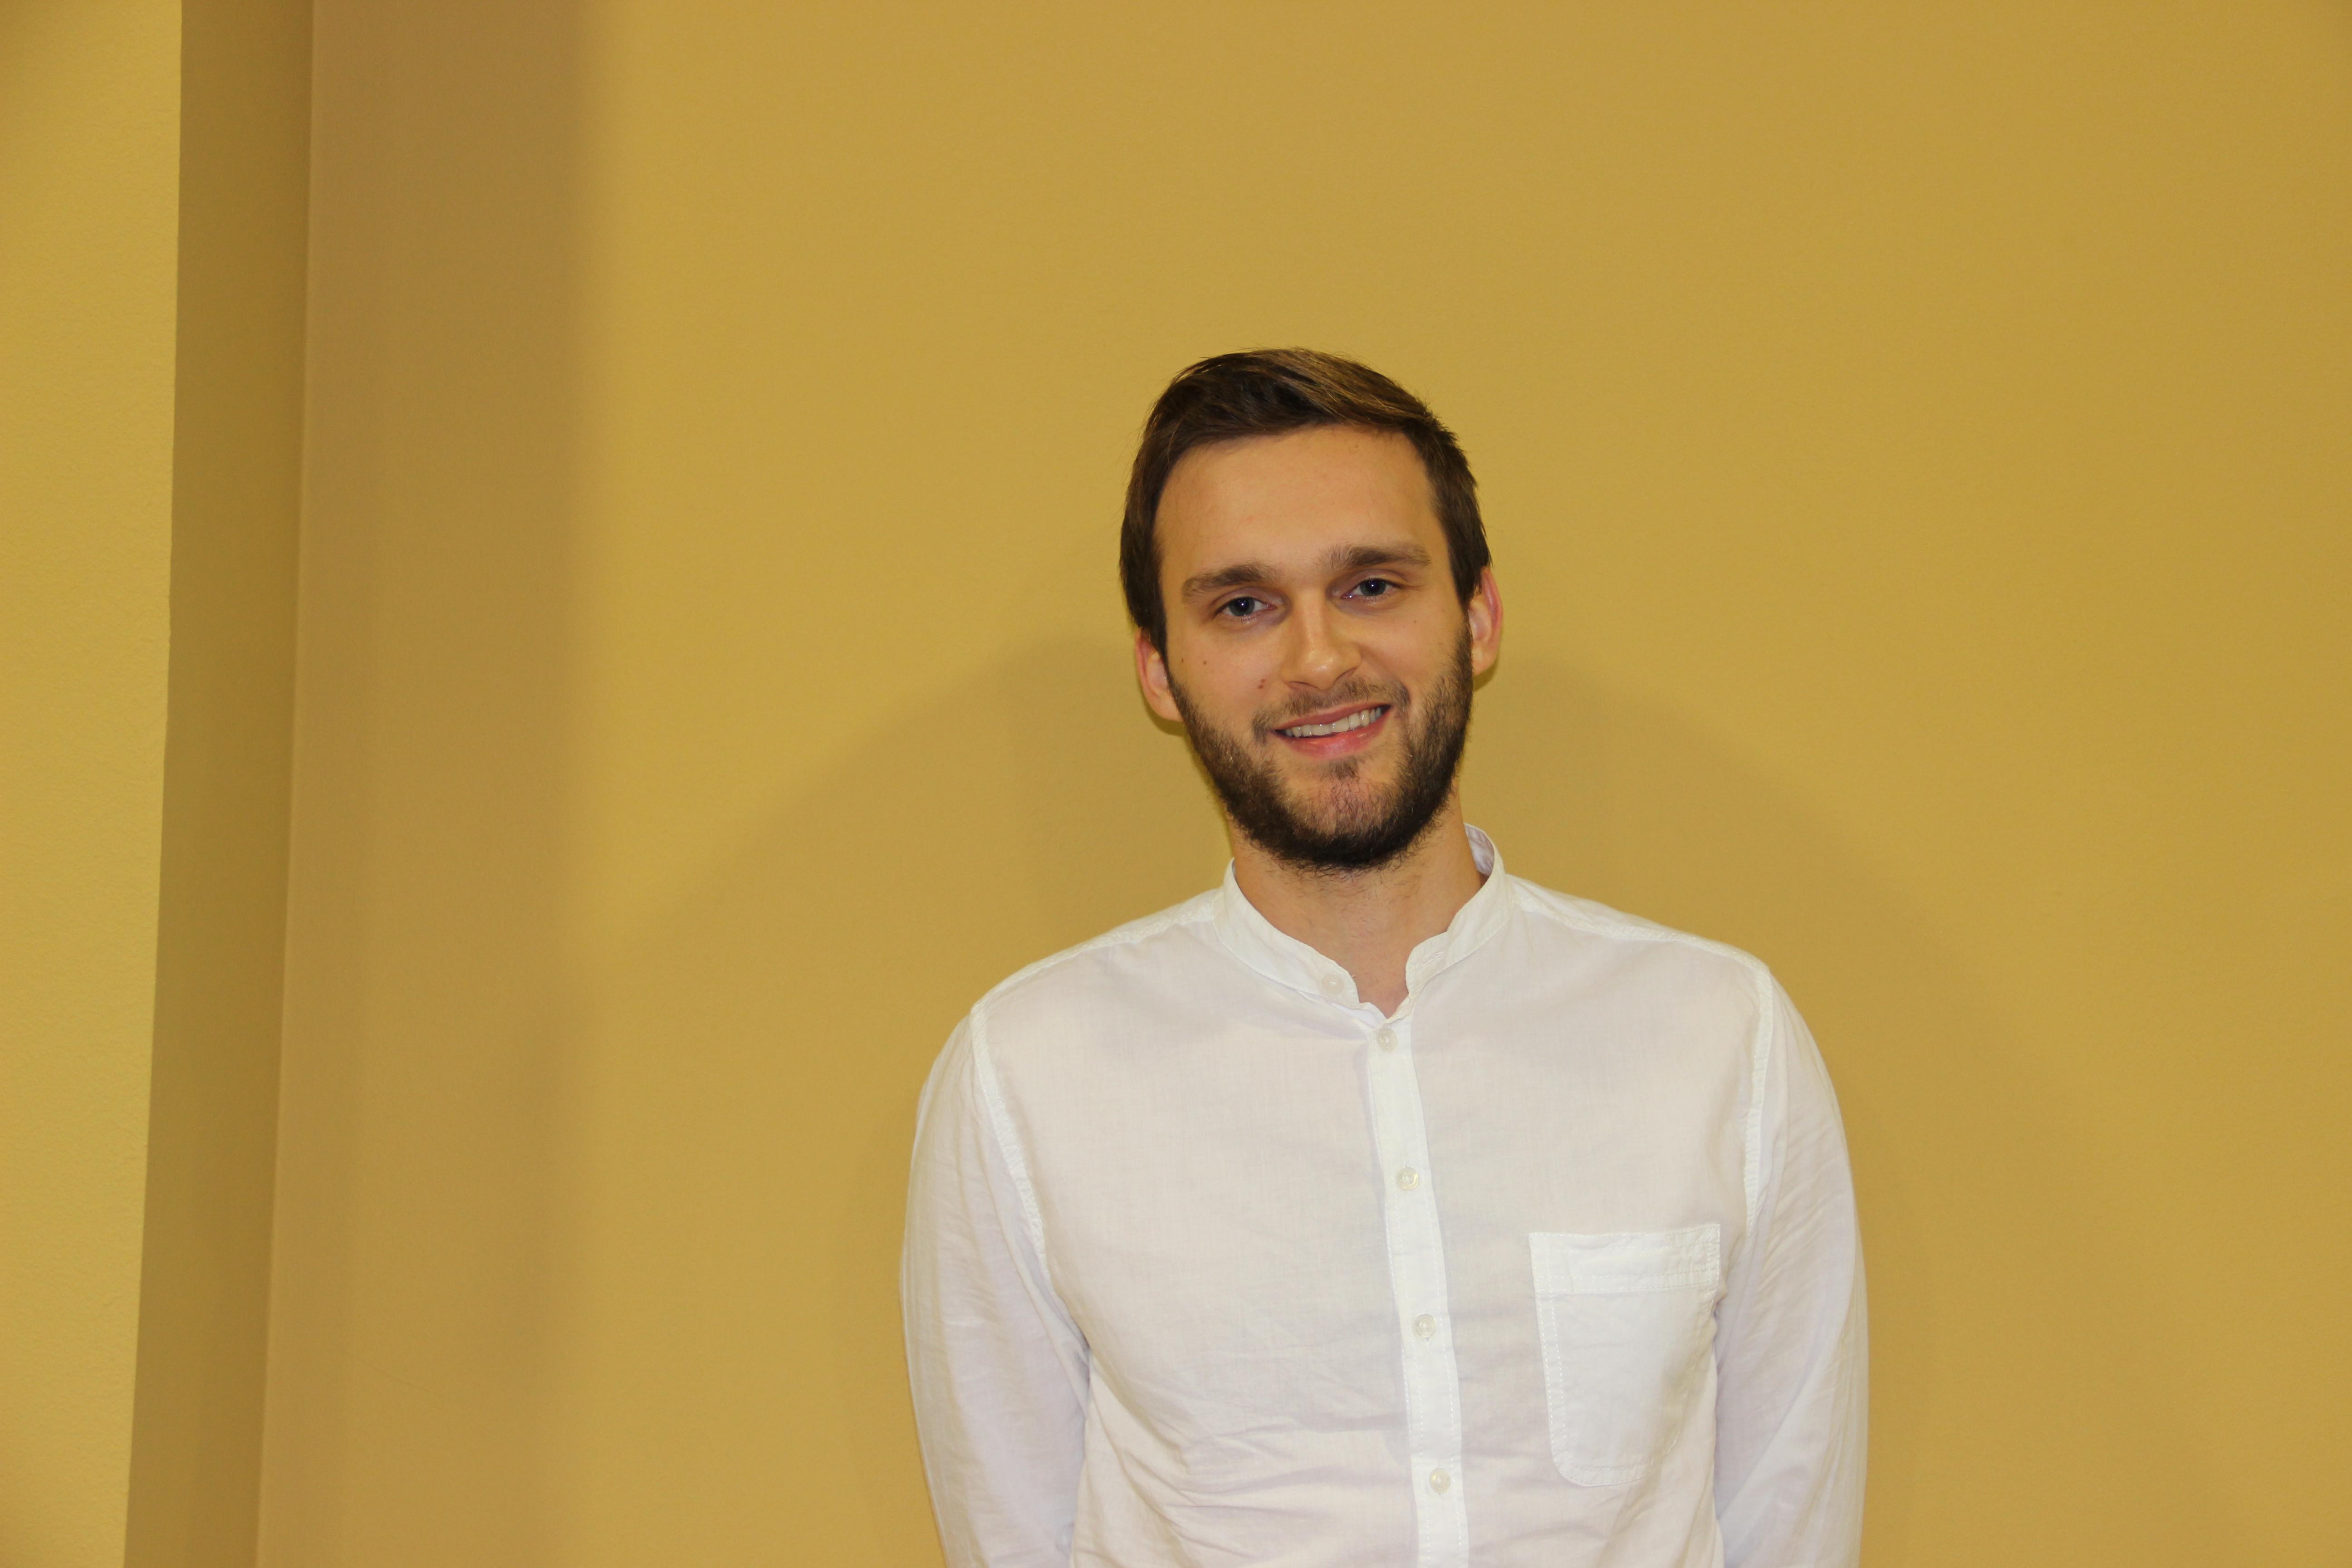 Slika 1: Blažej Kupec, urednik Startaj.si, spletnega portala za start-upe.